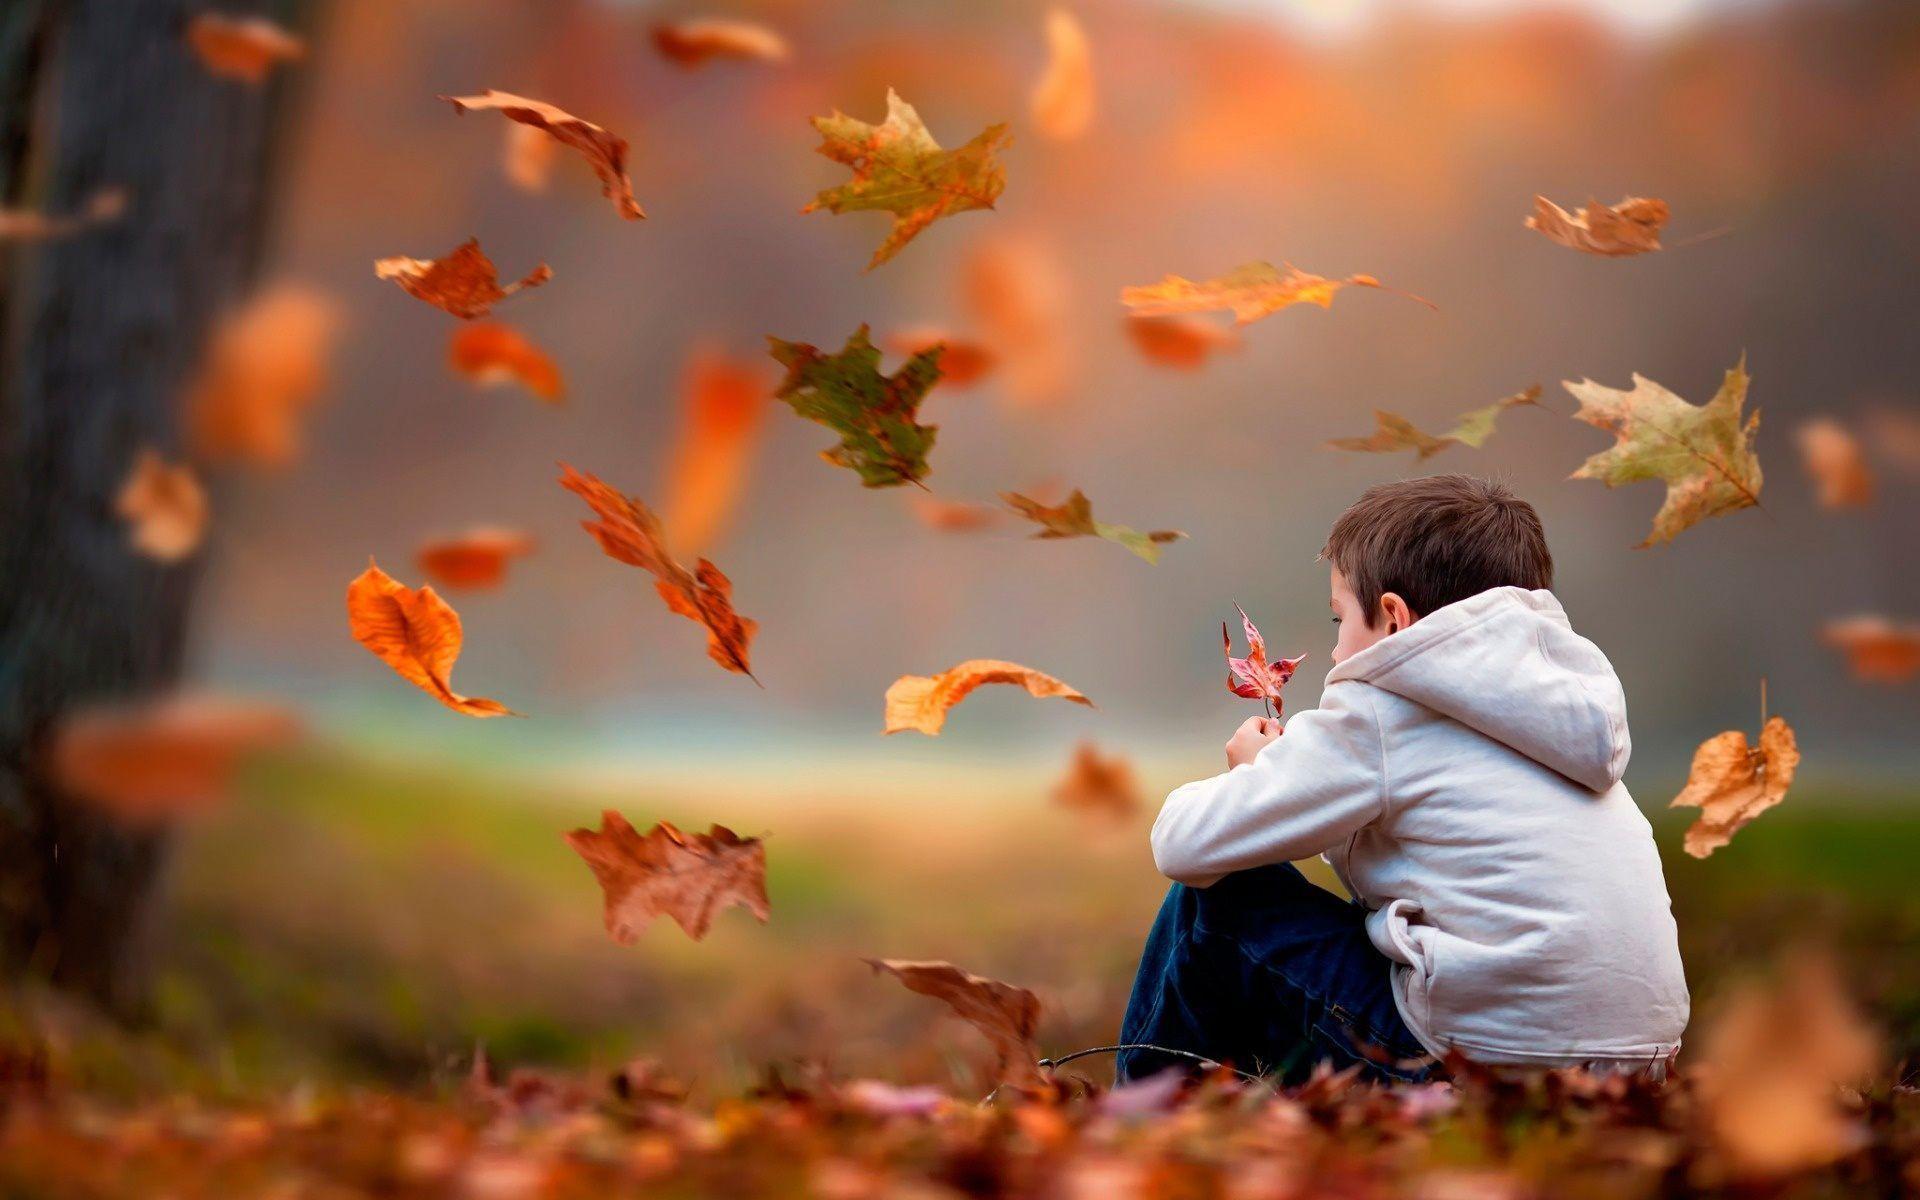 Hình nền buồn bã ngồi đếm lá vàng rơi như cậu nhóc